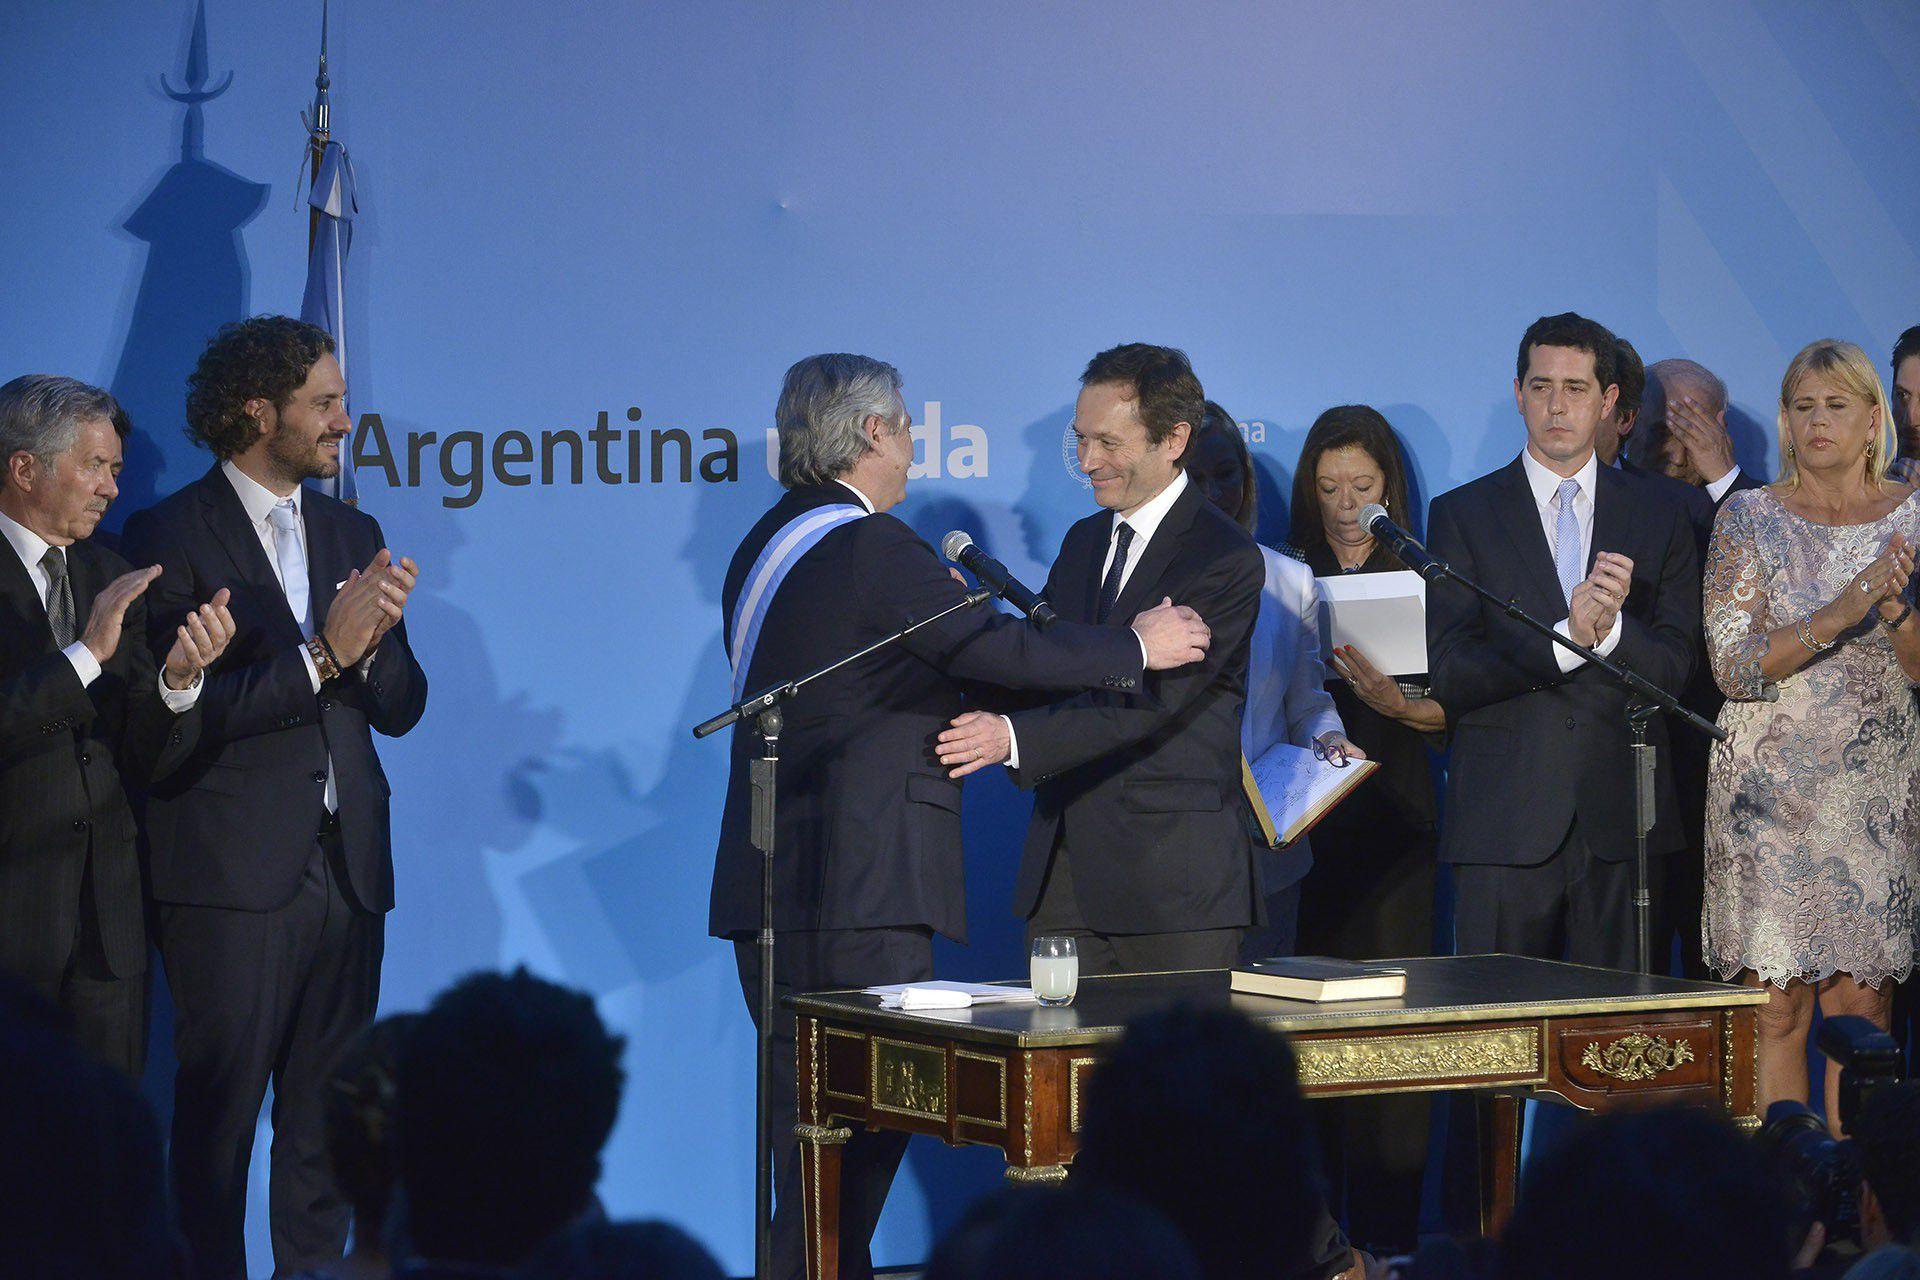 Béliz se desempeña como secretario de Asuntos Estratégicos del gobierno de Alberto Fernández (Gustavo Gavotti)